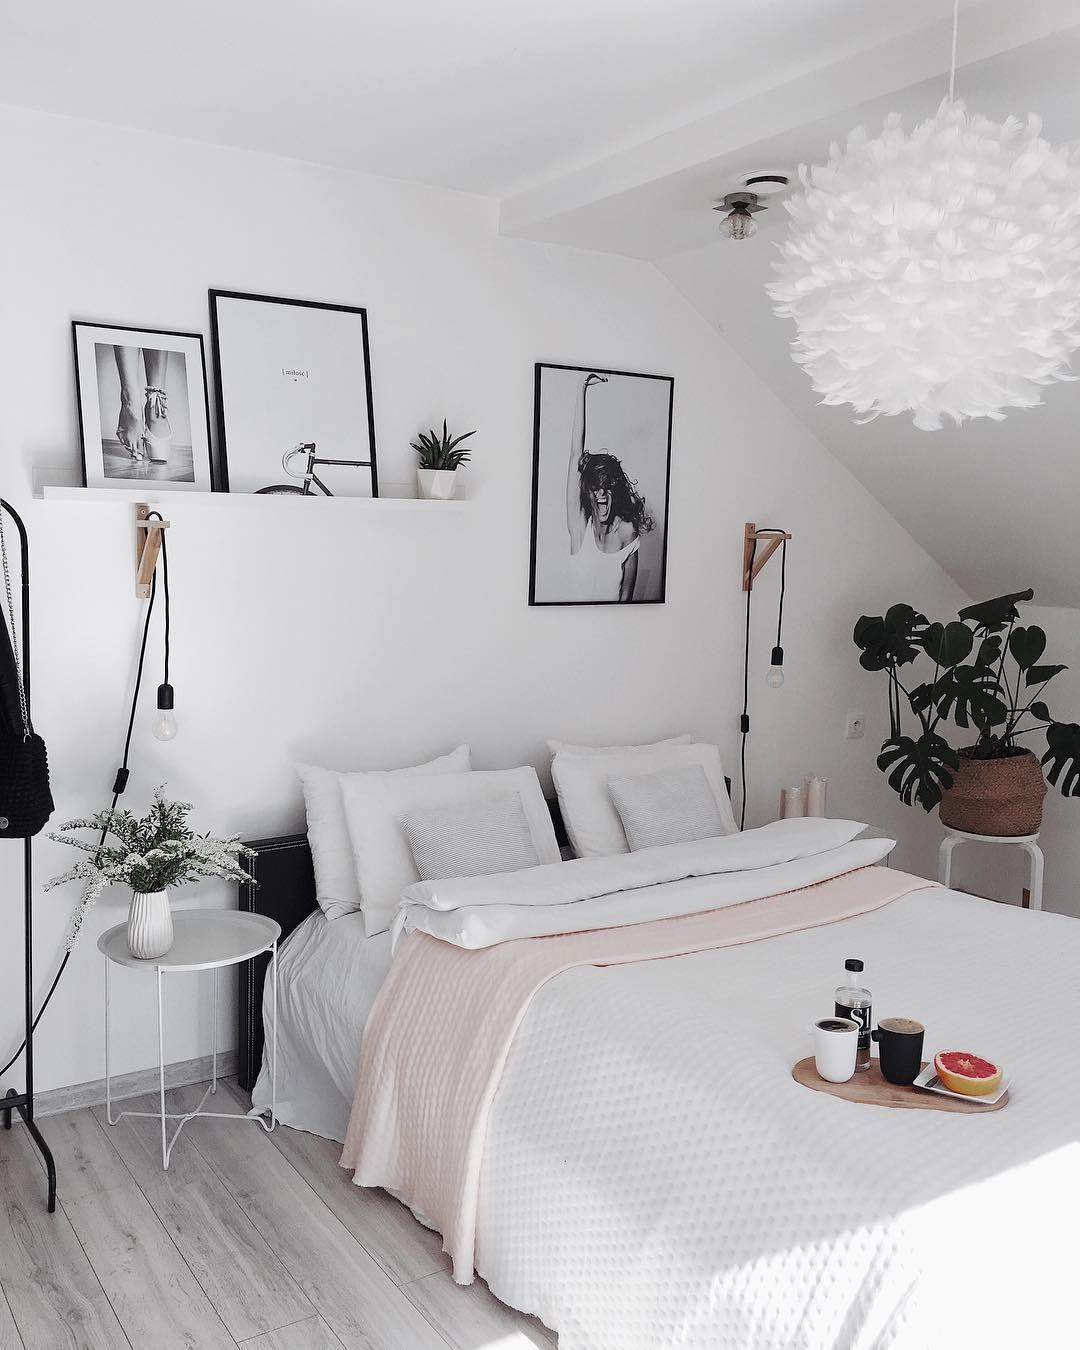 Full Size of White Dreams In Diesem Traumhaften Schlafzimmer Sind Wunderschne Nolte Klimagerät Für Gardinen Landhaus Vorhänge Komplettangebote Kommoden Schränke Kommode Wohnzimmer Hängelampe Schlafzimmer